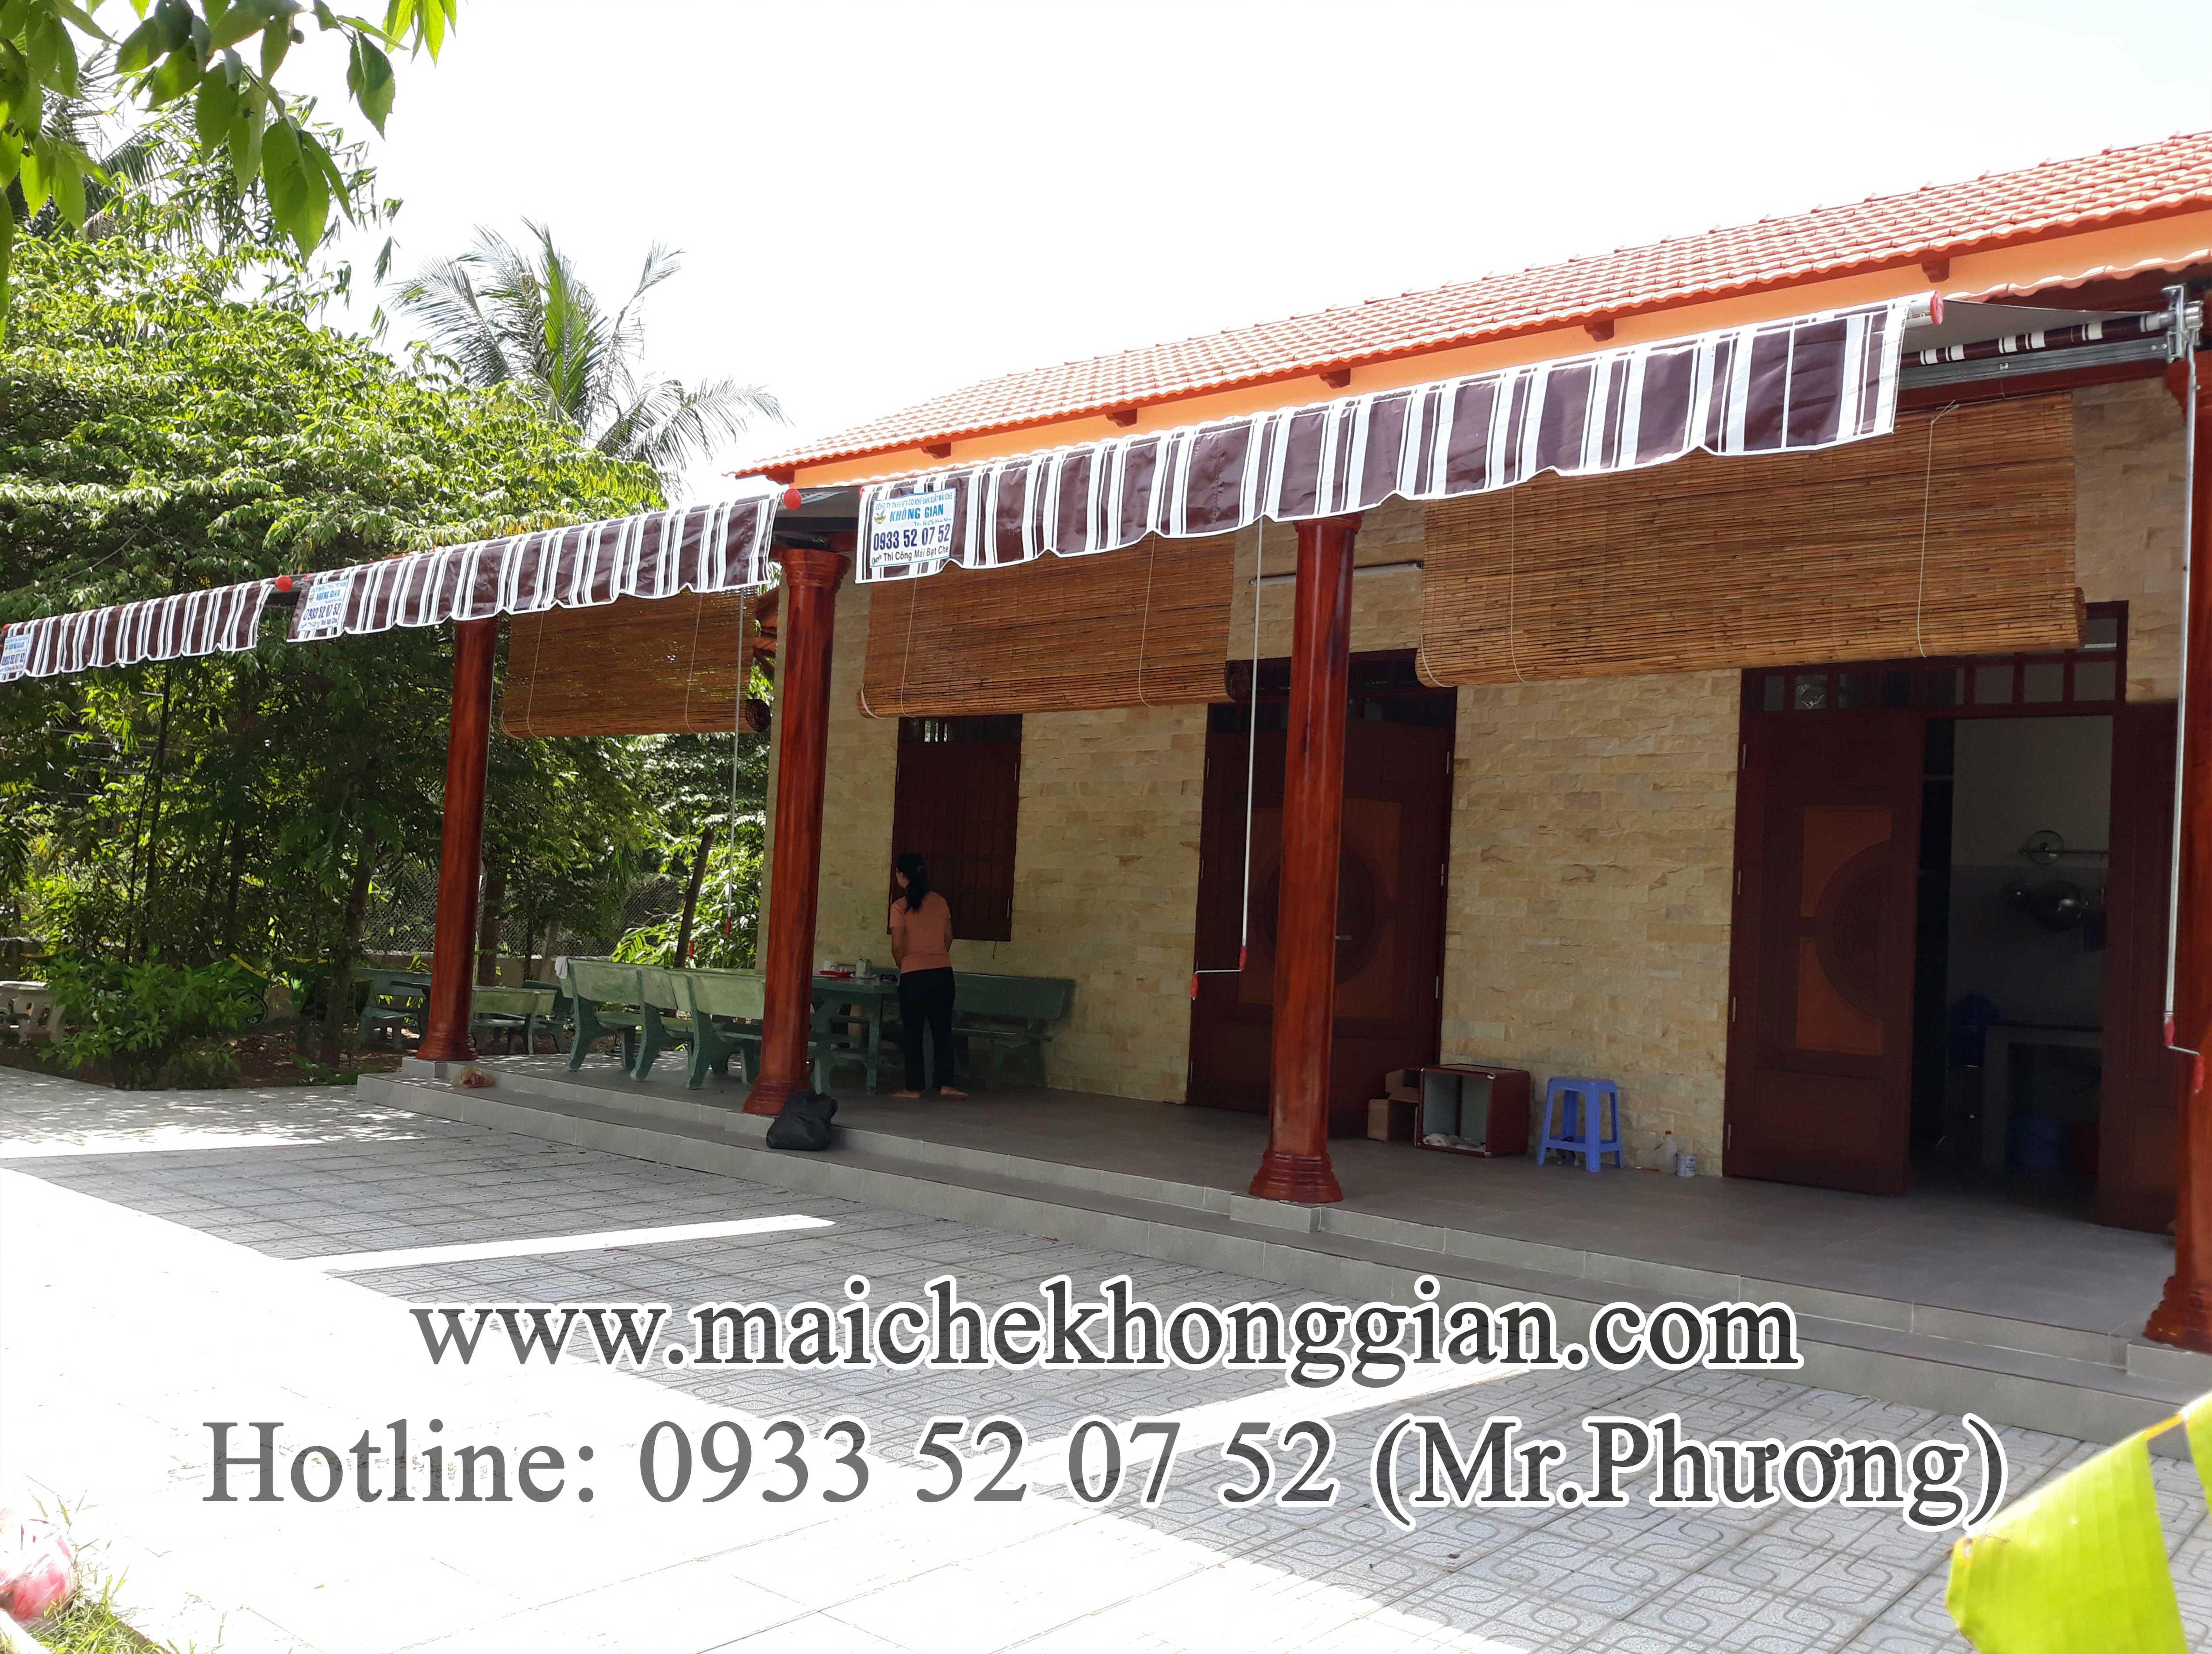 Mái Hiên Che Mưa Nắng Huyện Bình Tân Vĩnh Long